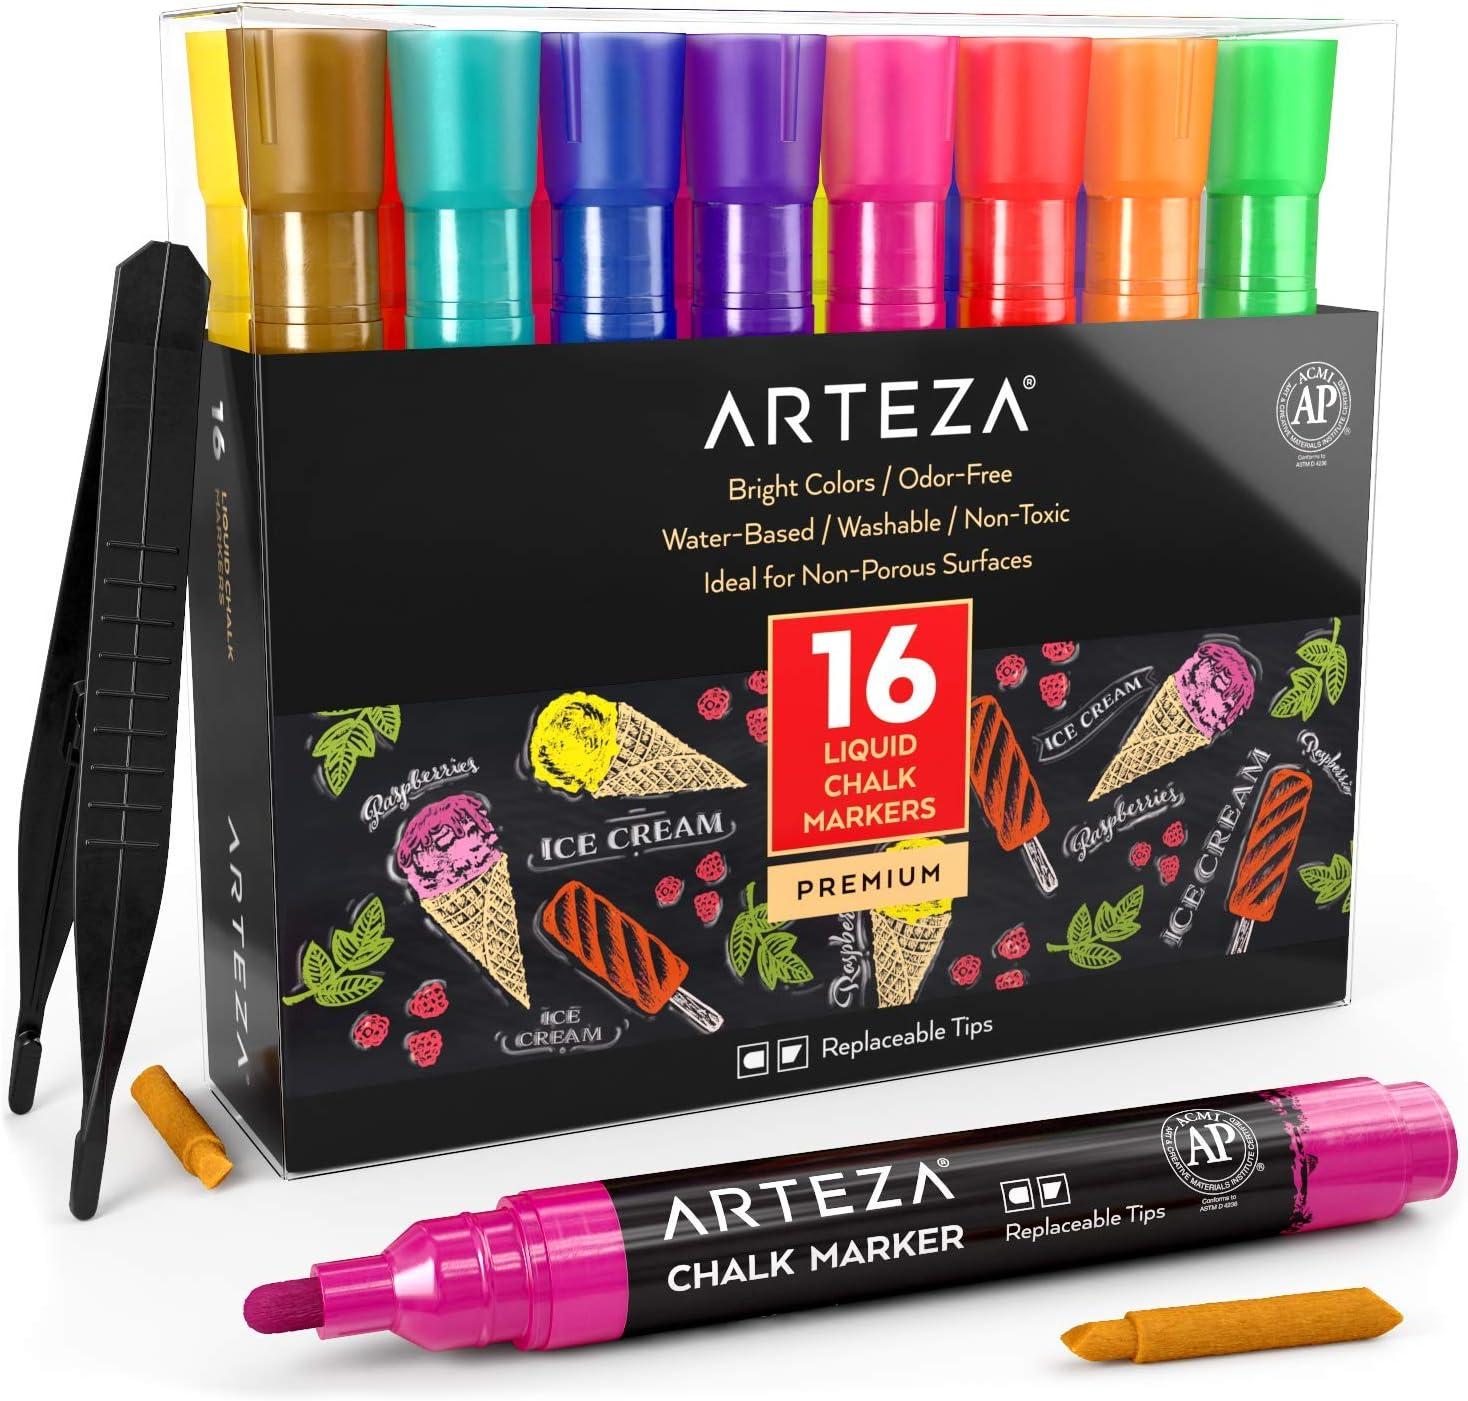 Arteza Rotuladores metalizados de tiza líquida | Set de 16 marcadores de tiza | 16 colores brillantes| Con pinzas + 50 etiquetas + 2 plantillas adhesivas | Rotuladores de tiza para cristal y pizarra: Amazon.es: Oficina y papelería